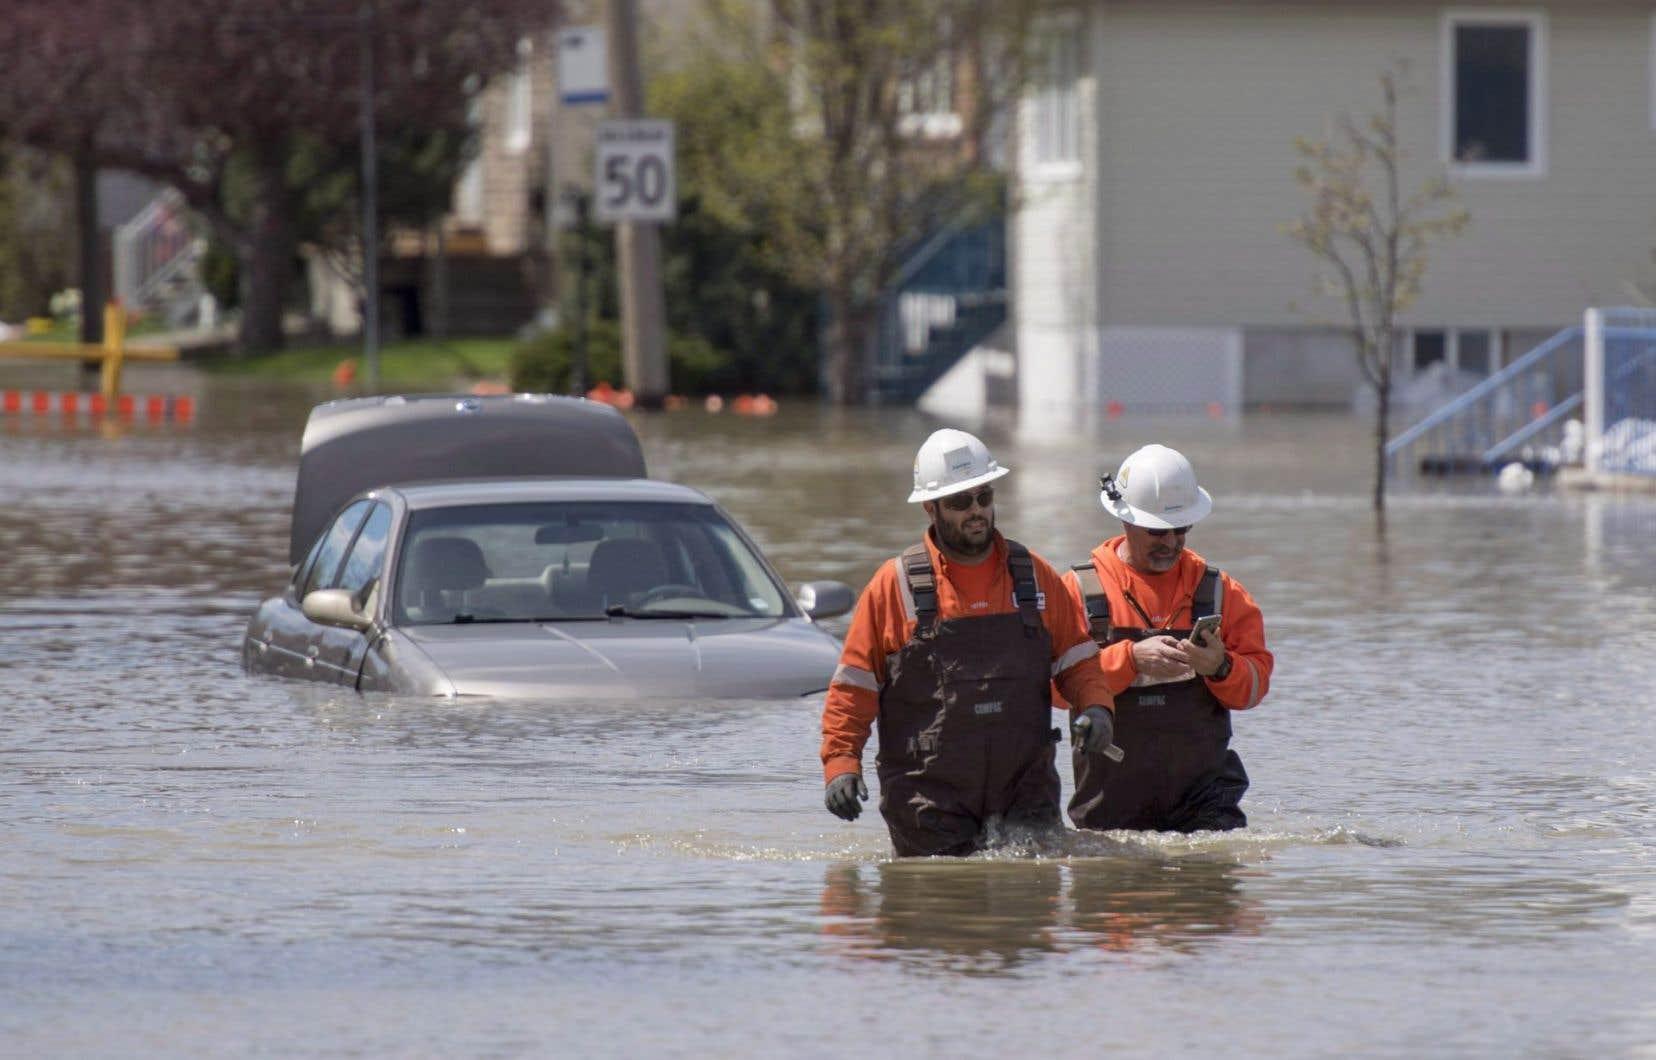 <p>Certains secteurs inondés recevront jusqu'à 60 mm de pluie au cours du week-end, aggravant ainsi la situation déjà précaire.</p>